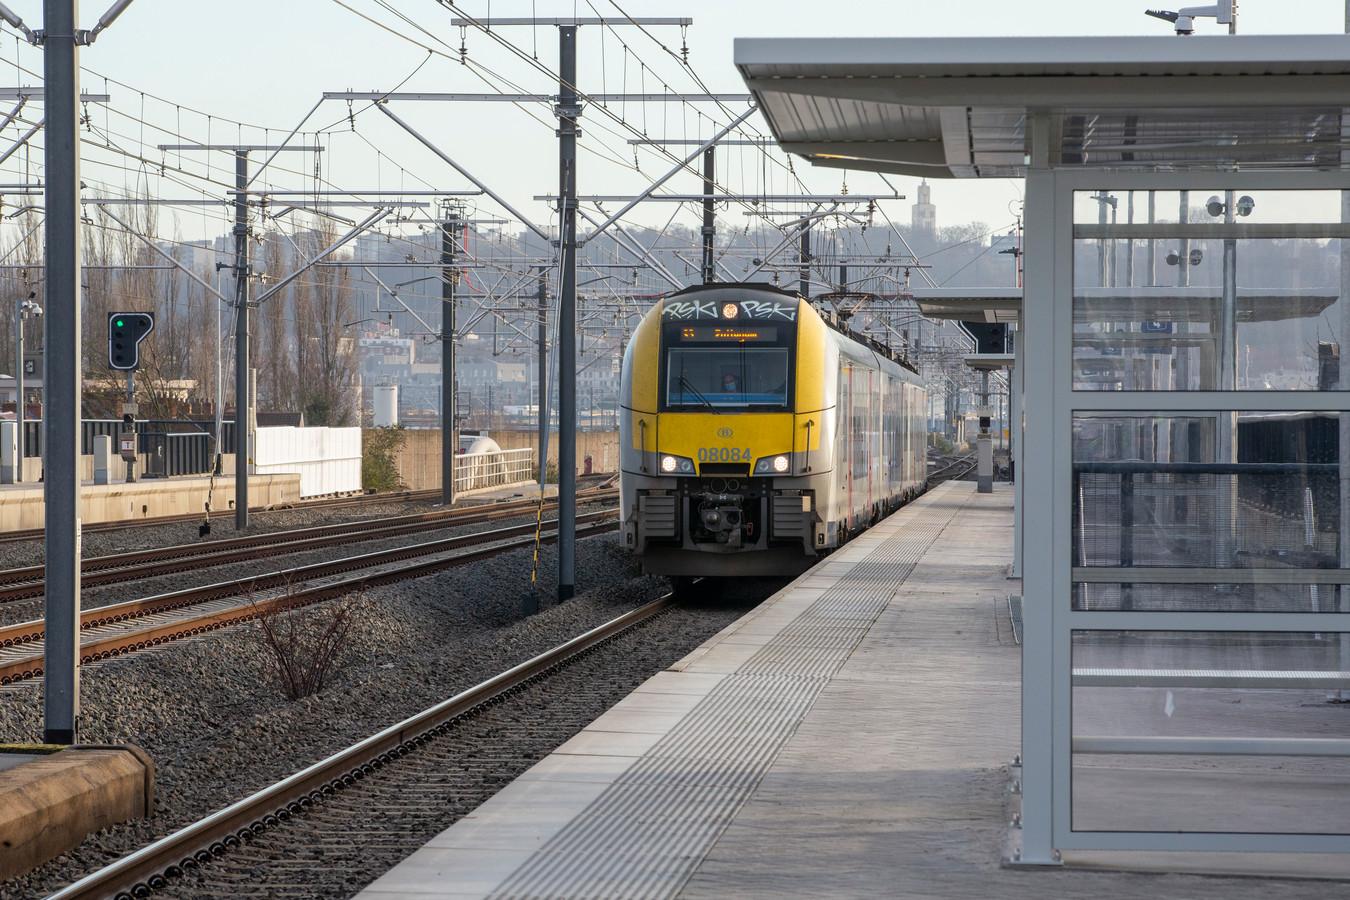 Archiefbeeld van een trein in het station van Anderlecht.